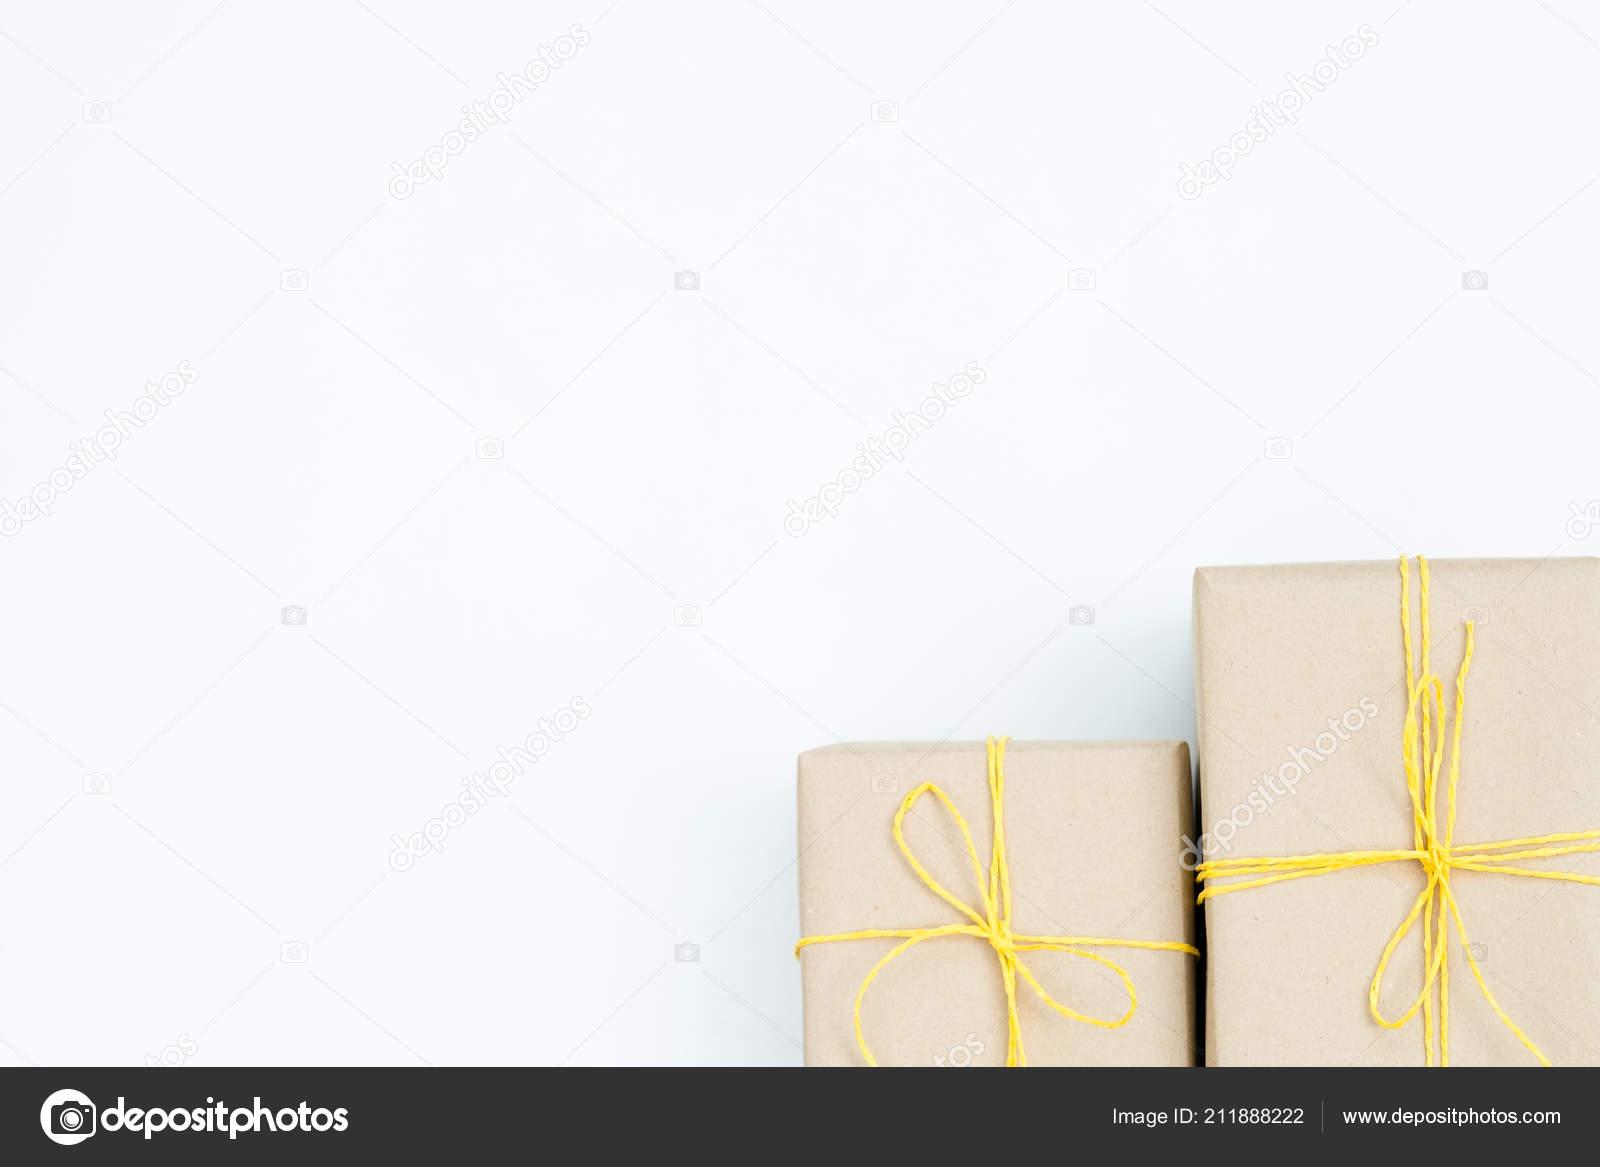 23704b94a0e6 Cadeaux de Noël dans des boîtes-cadeaux emballés dans du papier craft et  attaché avec une ficelle jaune. deux paquets sur fond blanc avec espace  libre ...